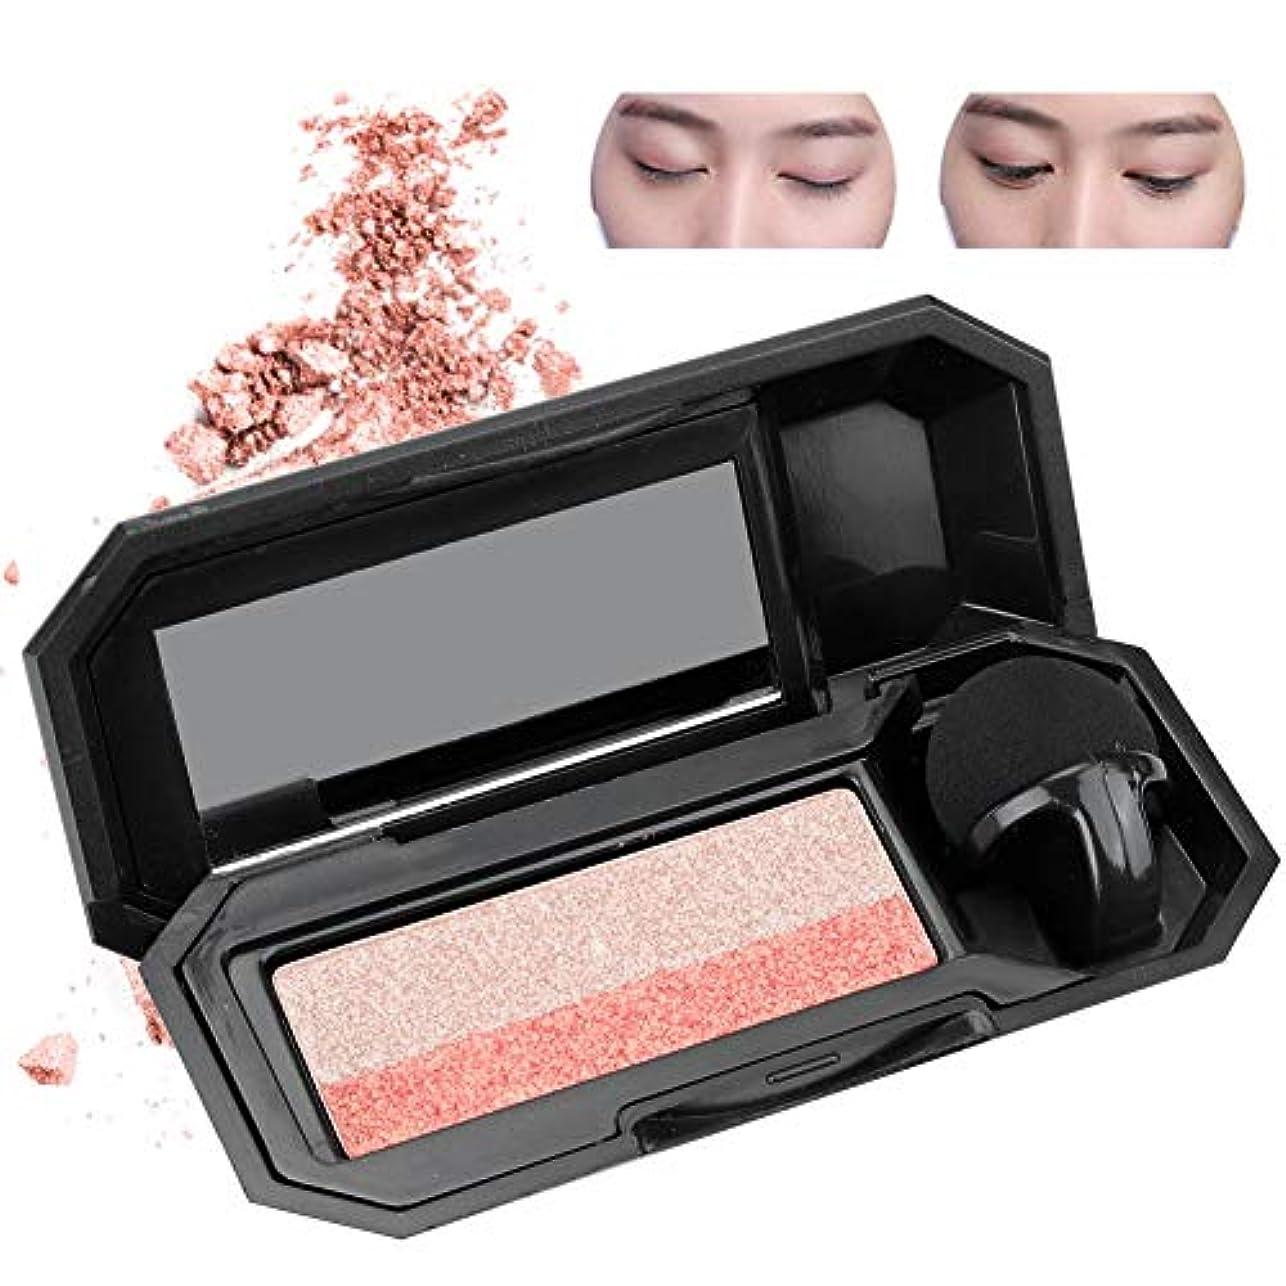 追い越すブラジャーラリーベルモントダブルカラーレイジーアイシャドウパレットアイシャドウ 化粧品ツール メイクアップ(2)